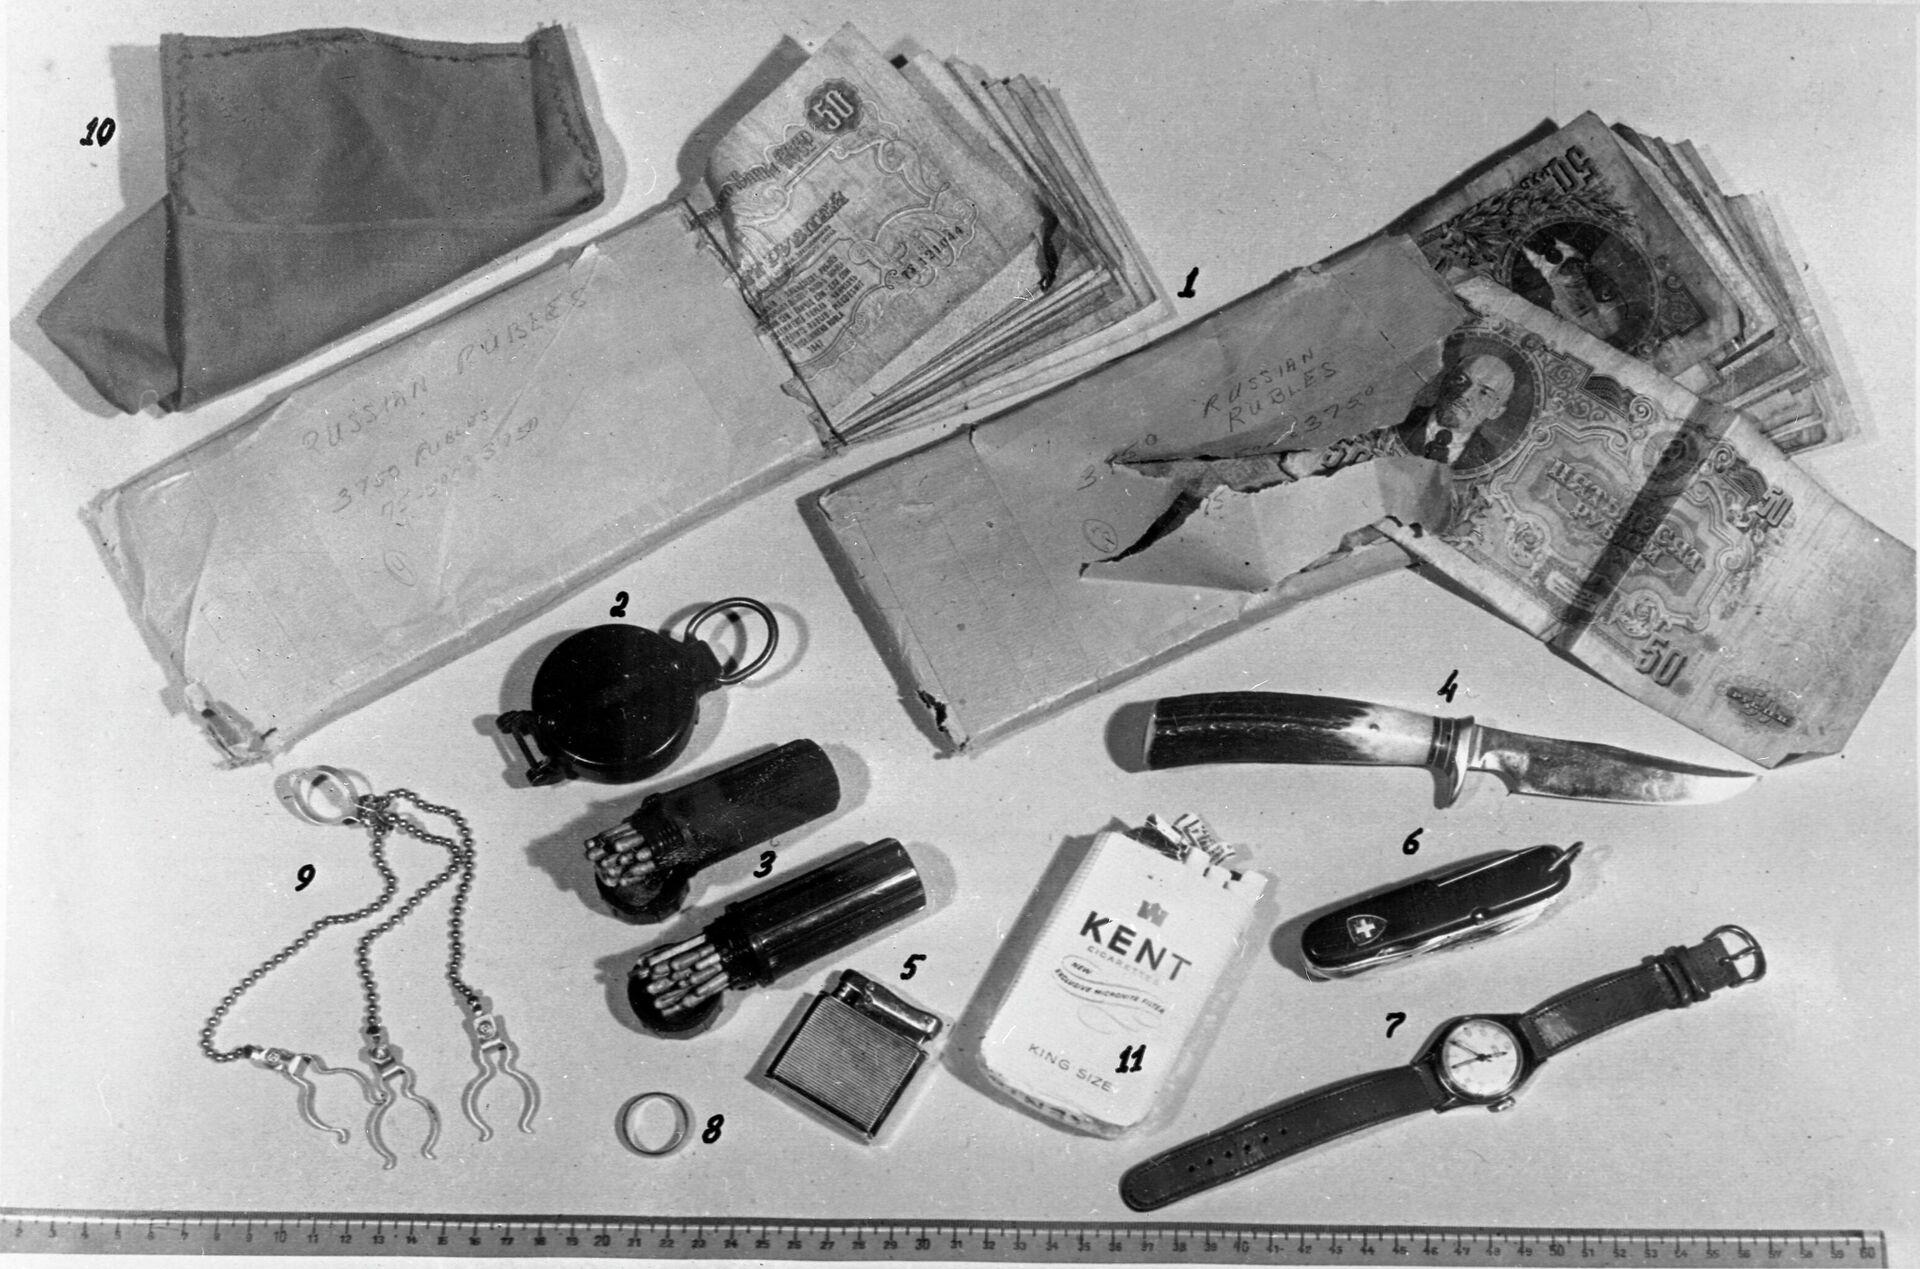 Часы, финский нож, советские деньги, которыми был снабжен американский летчик-шпион Фрэнсис Генри Пауэрс, чей самолет-разведчик Локхид У-2 был сбит советской зенитной ракетой под Свердловском (ныне - Екатеринбург) - РИА Новости, 1920, 30.04.2021